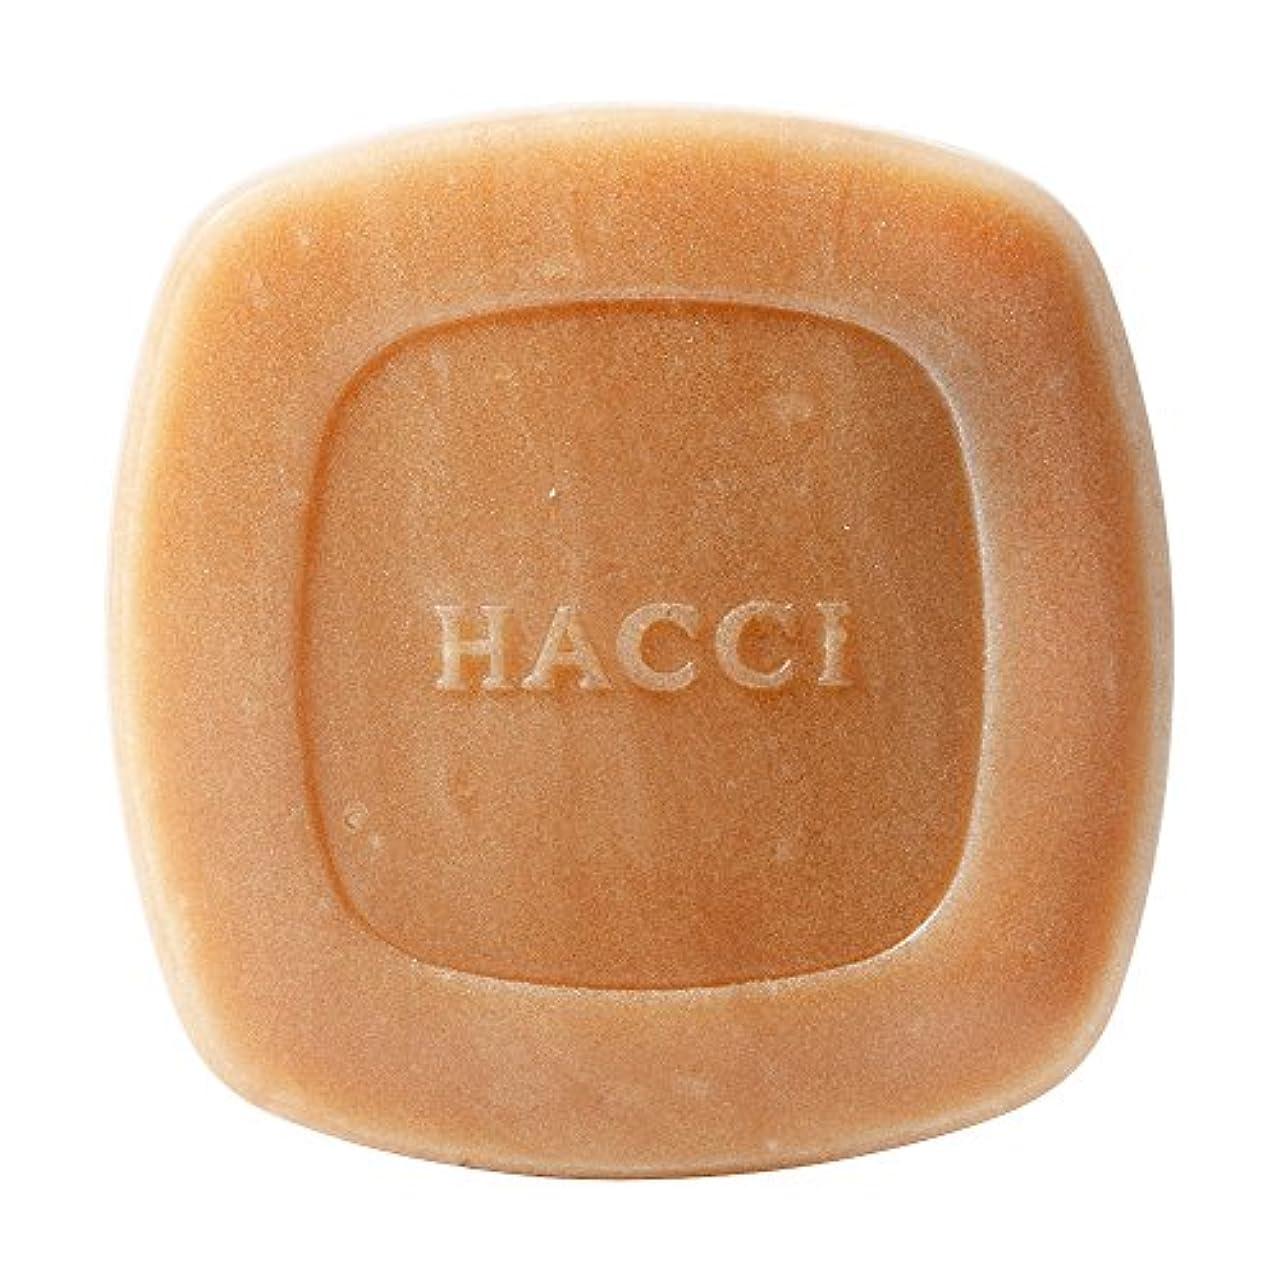 配管工インフラパノラマHACCI 1912(ハッチ1912) はちみつ洗顔石けん 80g